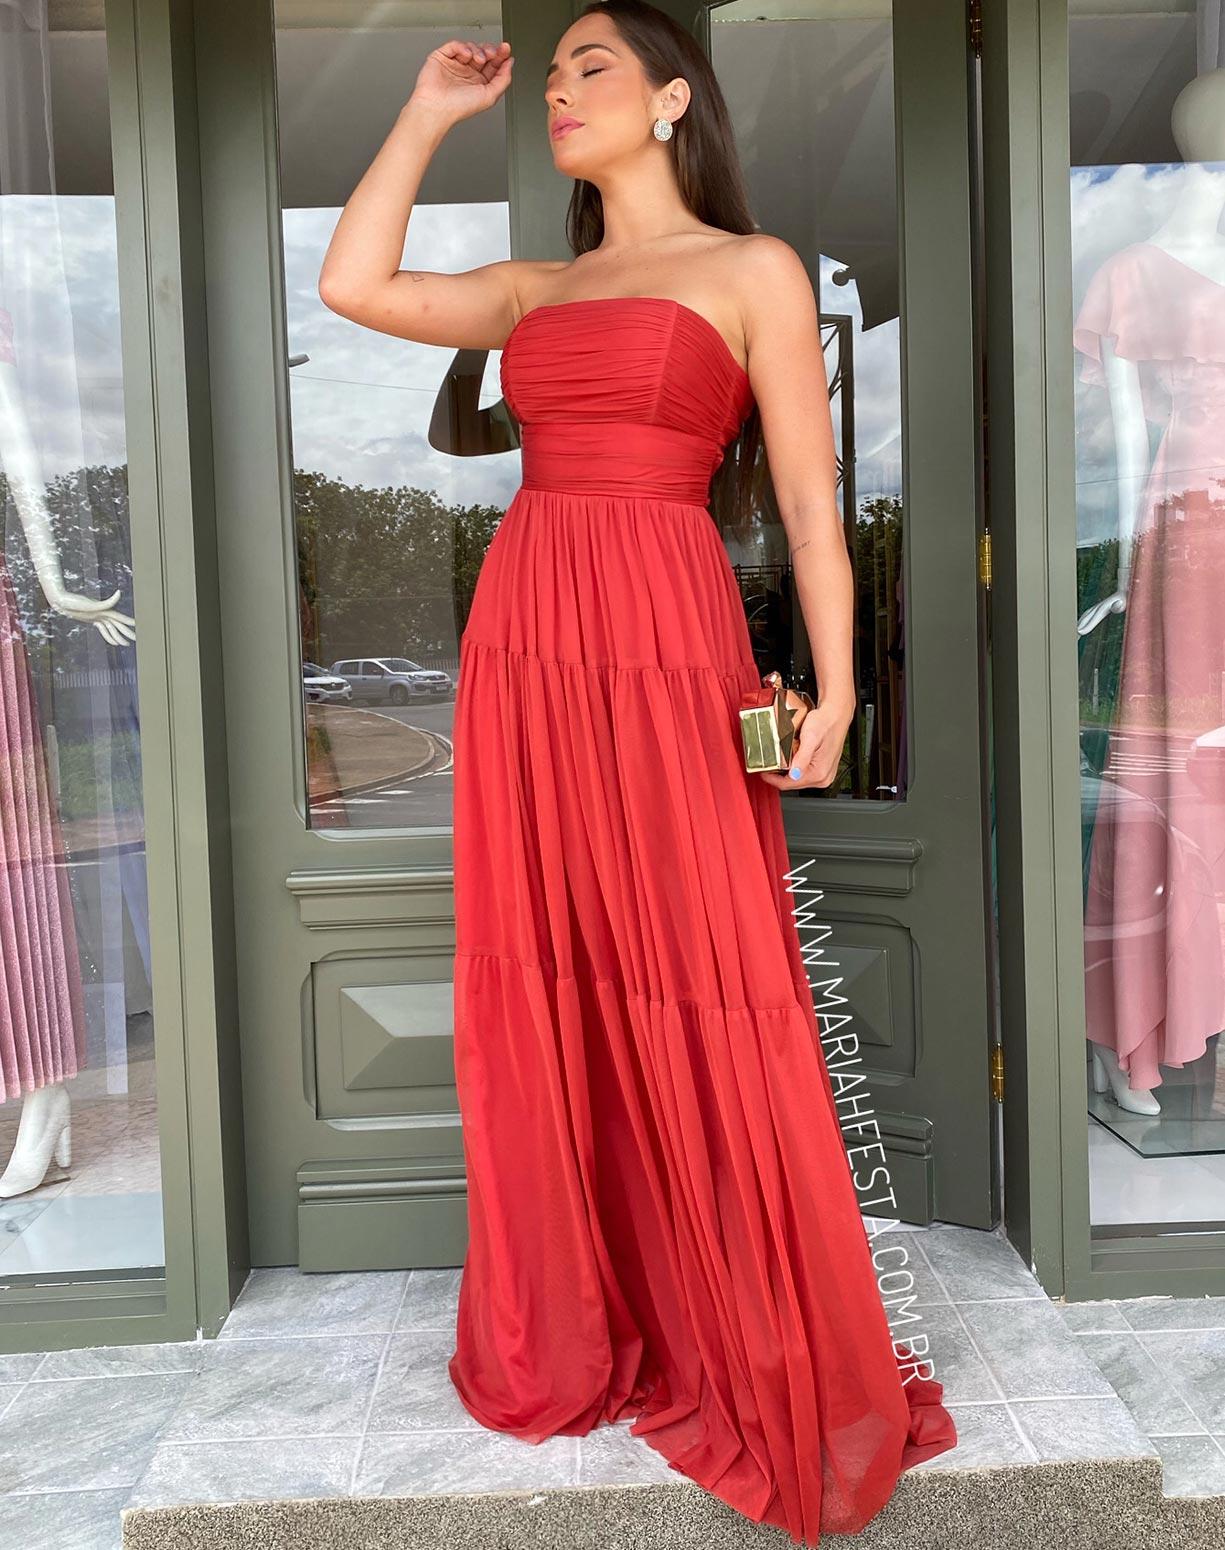 Vestido  Terracota (avermelhado) Tomara que Caia em Tule